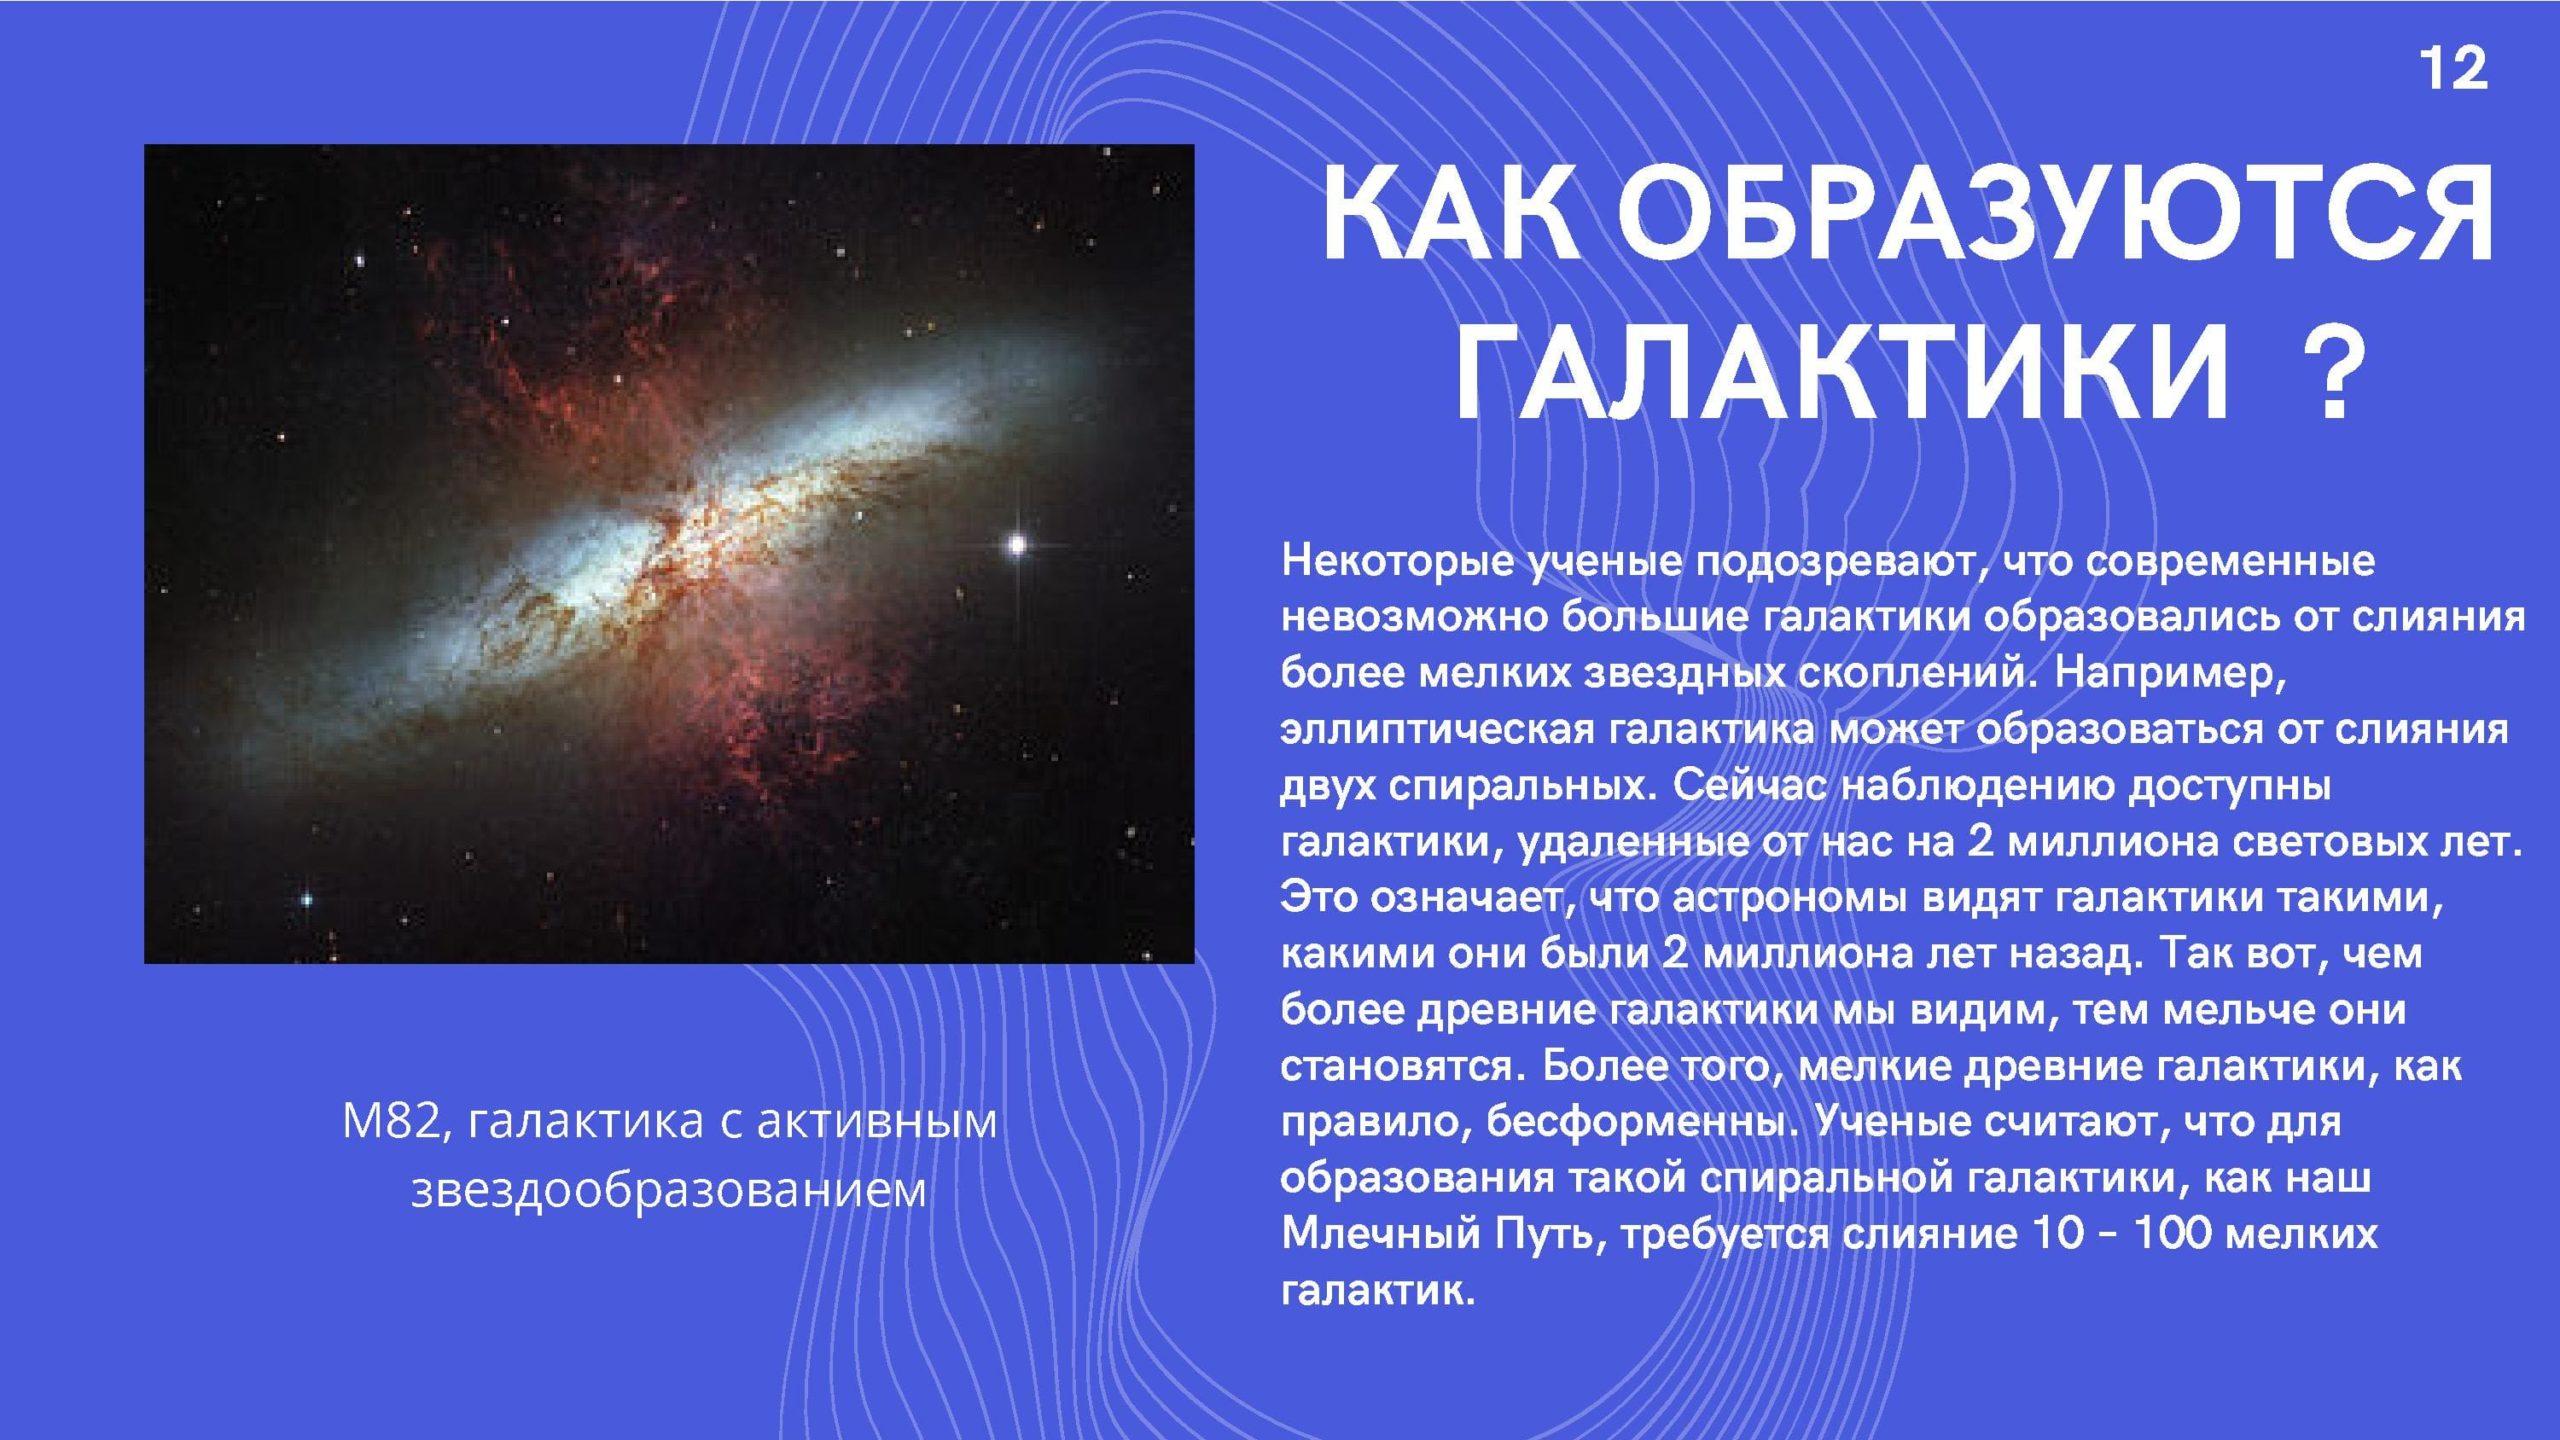 Как образуются галактики?